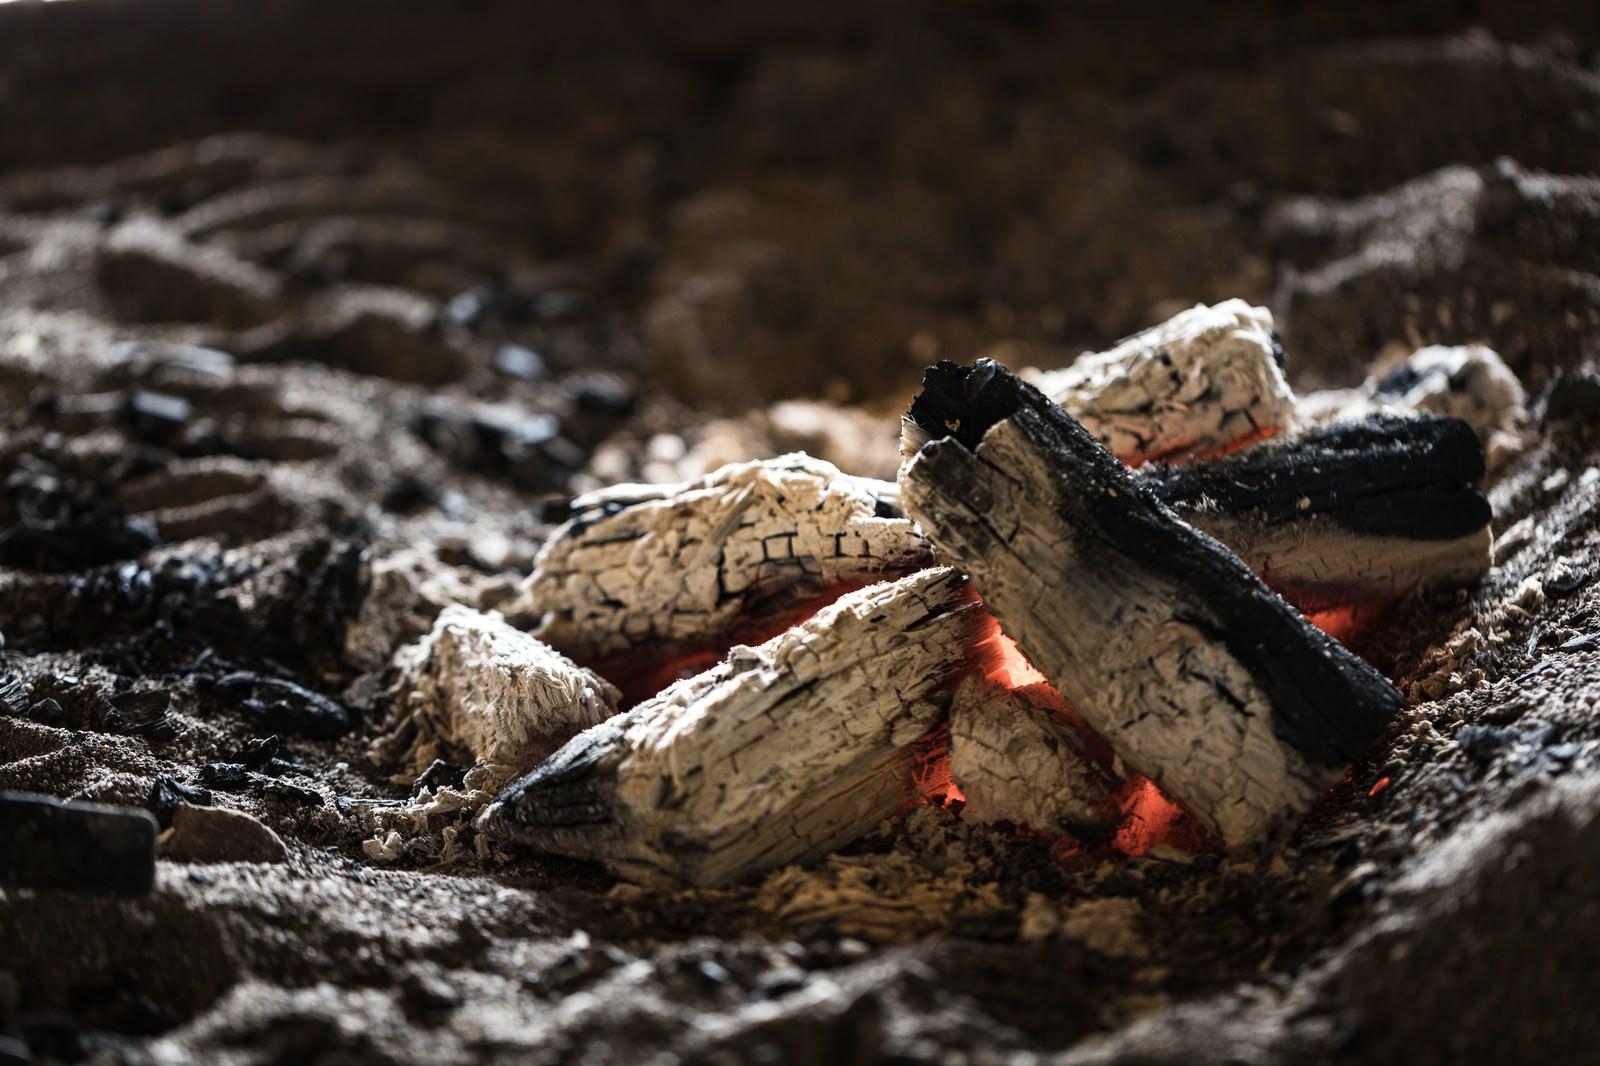 「趣ある炭火が揺れる囲炉裏趣ある炭火が揺れる囲炉裏」のフリー写真素材を拡大